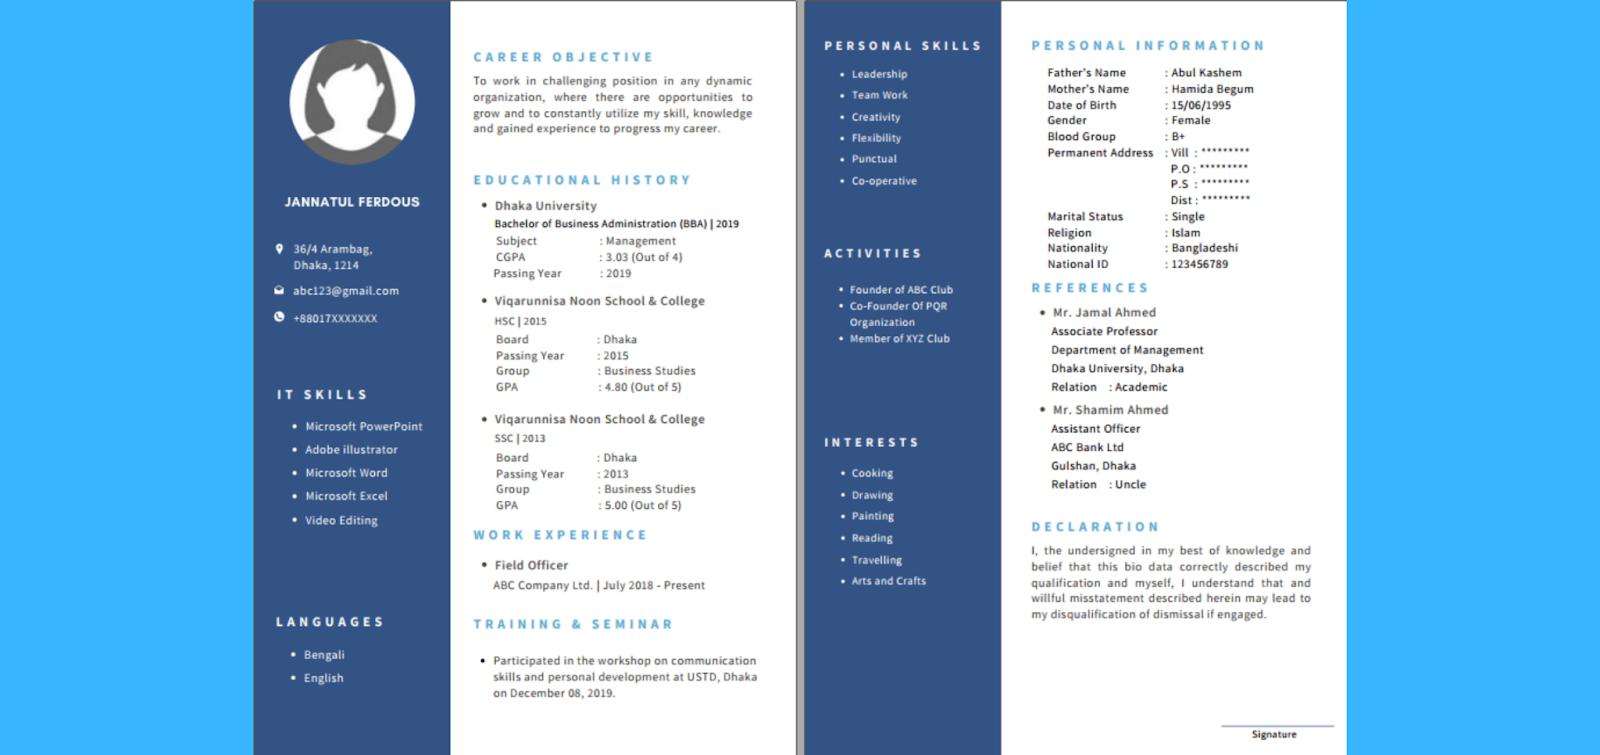 Curriculum Vitae samples